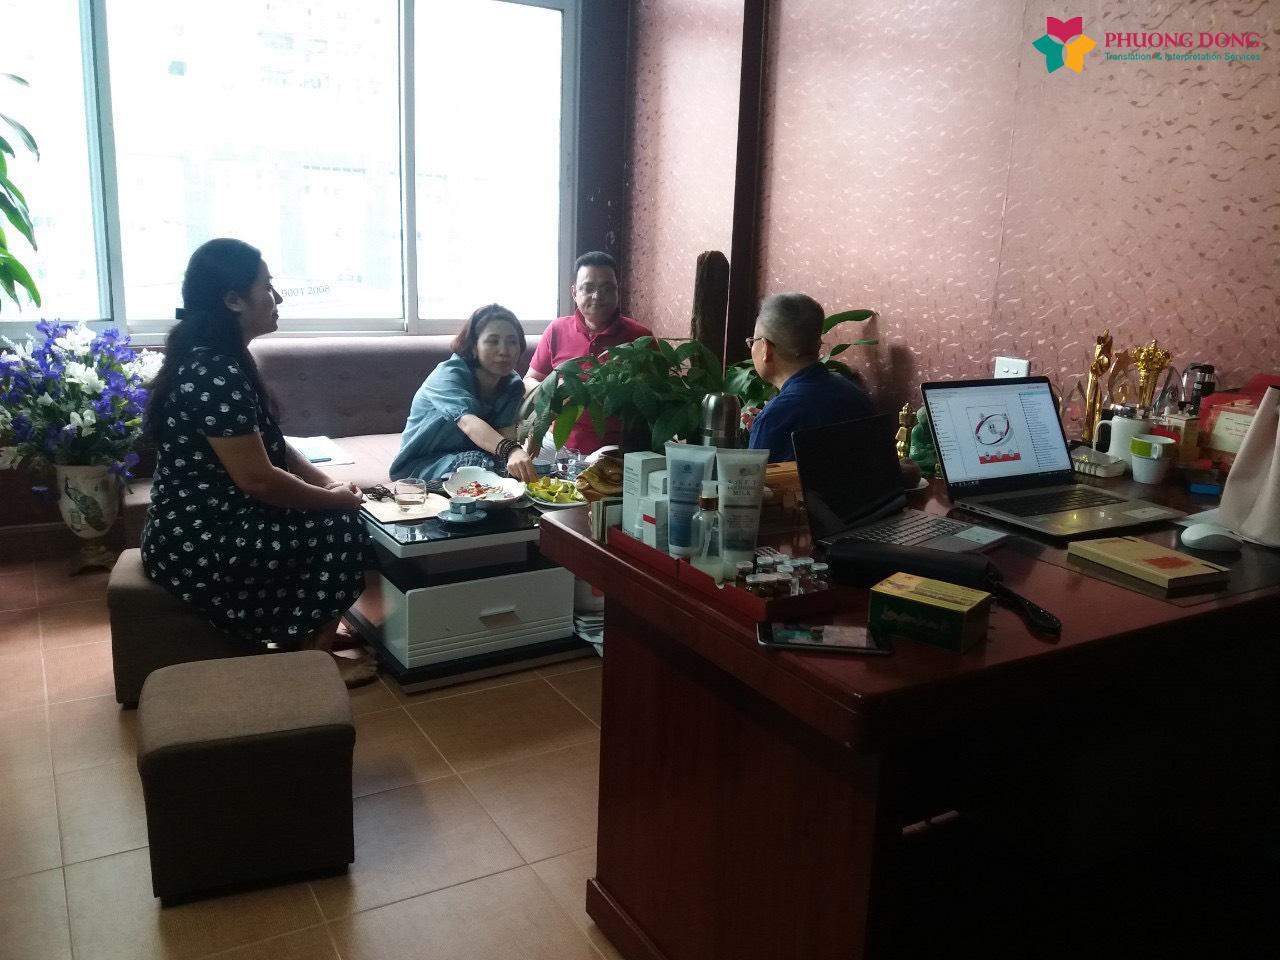 Phiên dịch Tiếng Anh về mua bán máy móc Spa ở Nguyễn Chánh - Cầu Giấy - Hà Nội